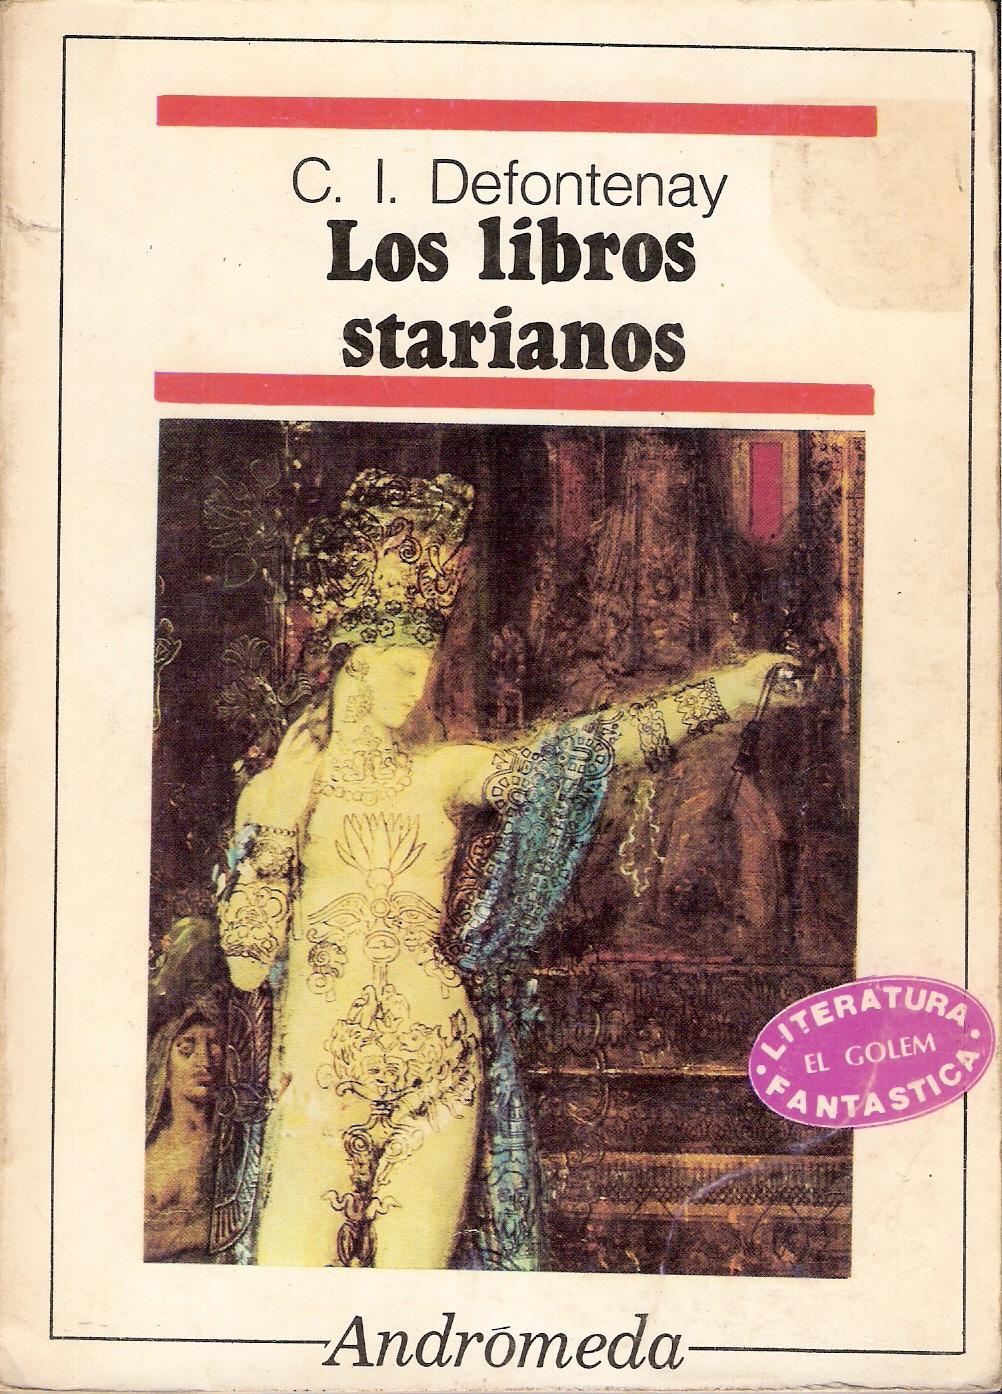 Los libros Starianos